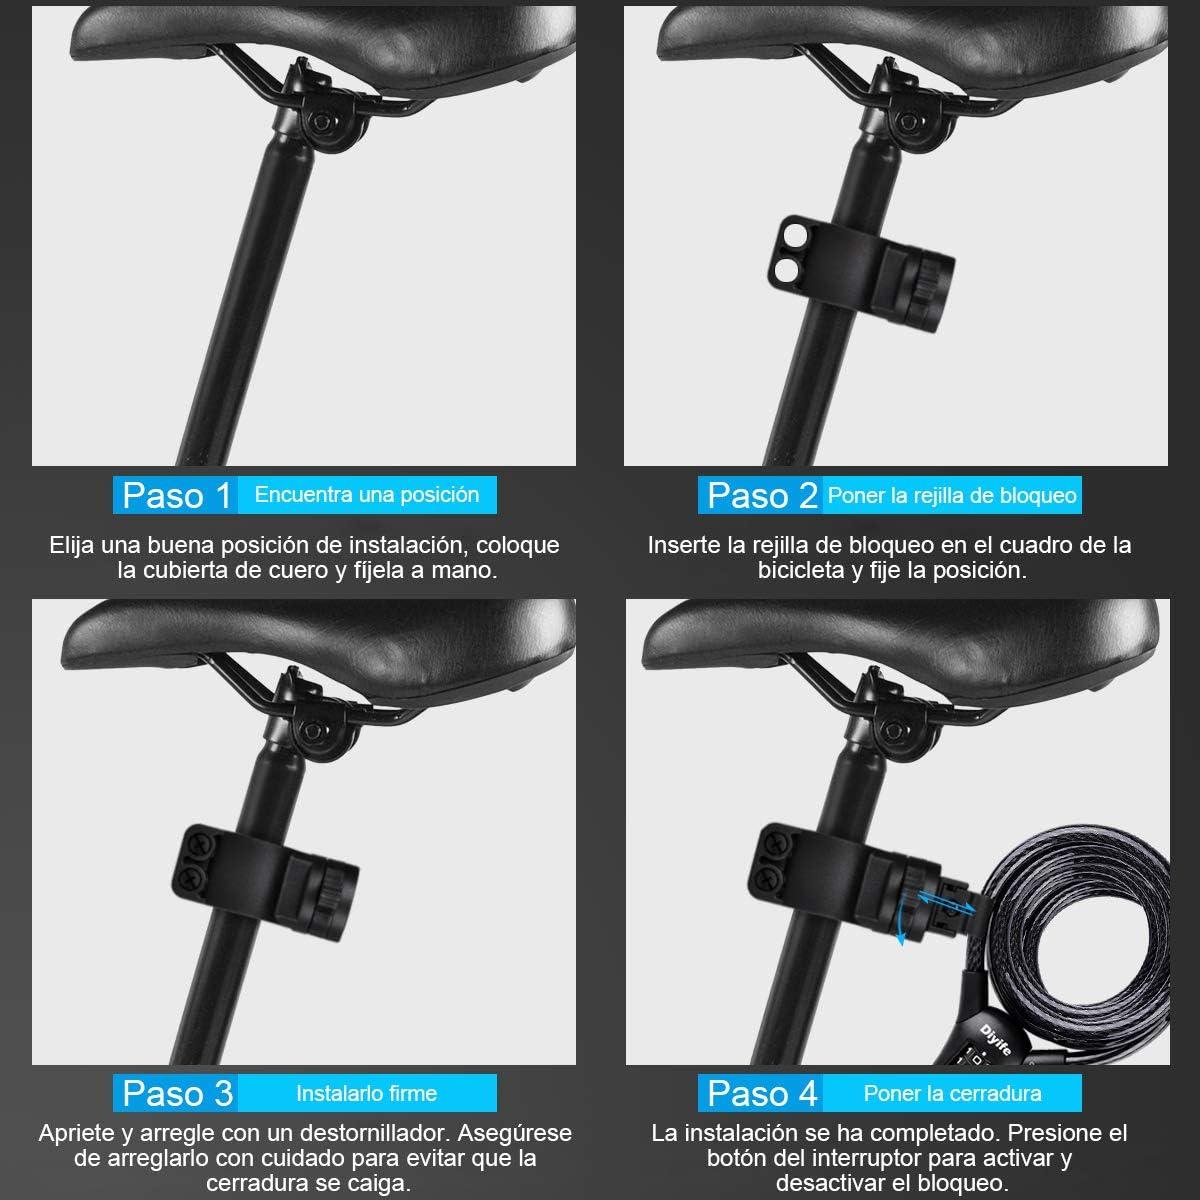 Candado Bicicleta,[Reforzar La VersióN] [1.5m x10mm]Diyife Antirrobo Bicicleta 4 Dígitos Combinación de Impermeable Bicicleta Candado para Bicicletas ...